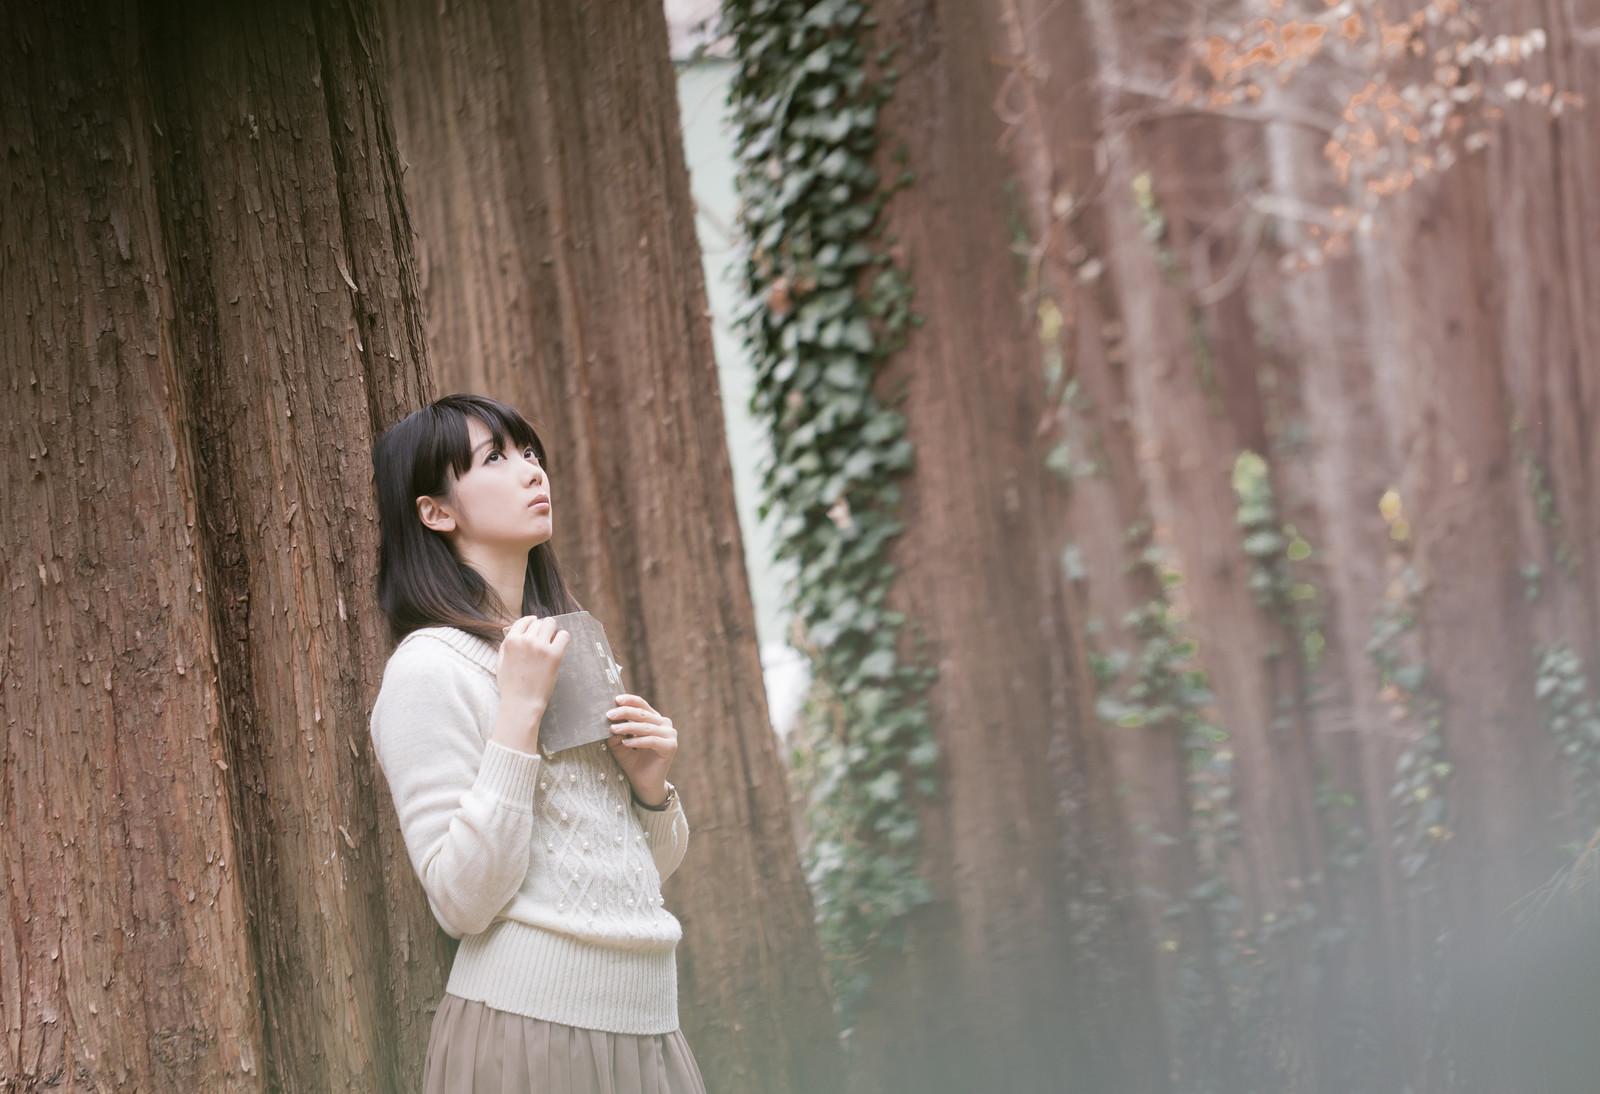 森の中の女性